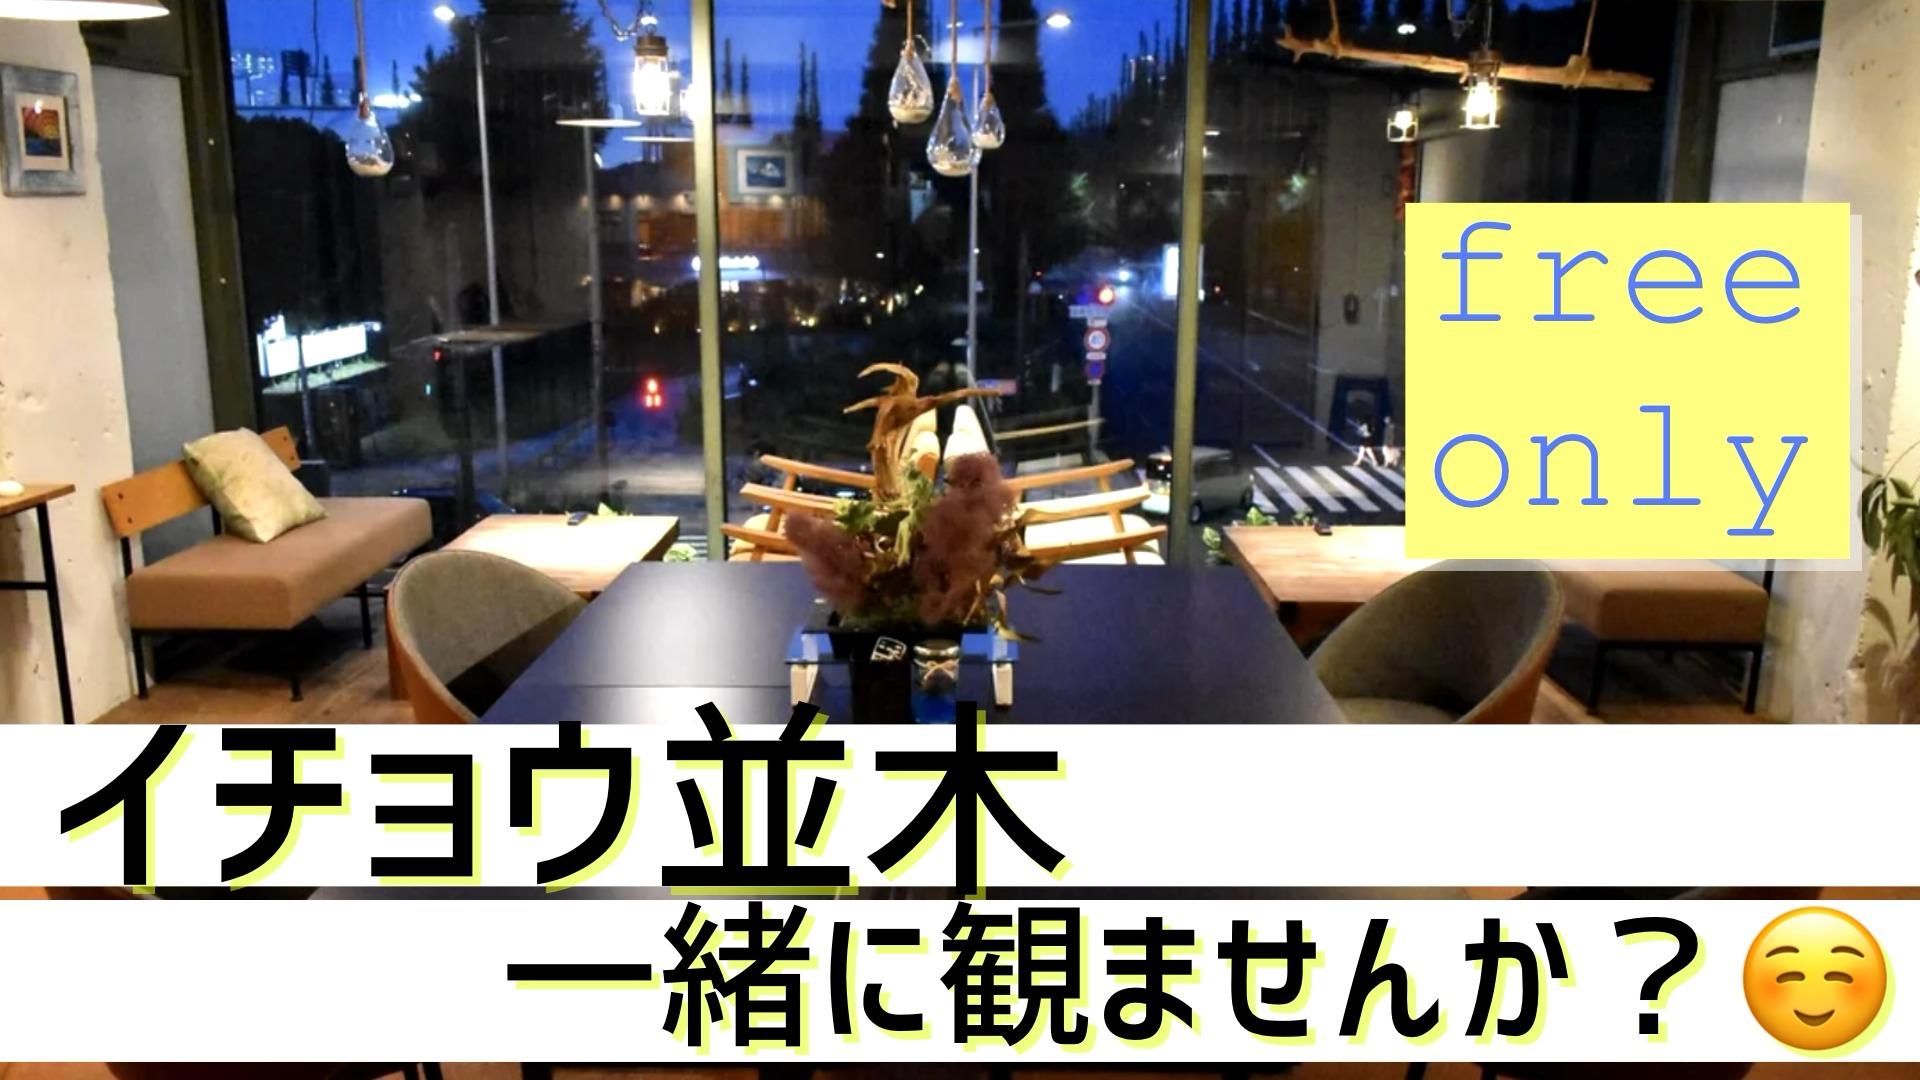 残2名【青山】フリーのフェムさん・中性さんcome on